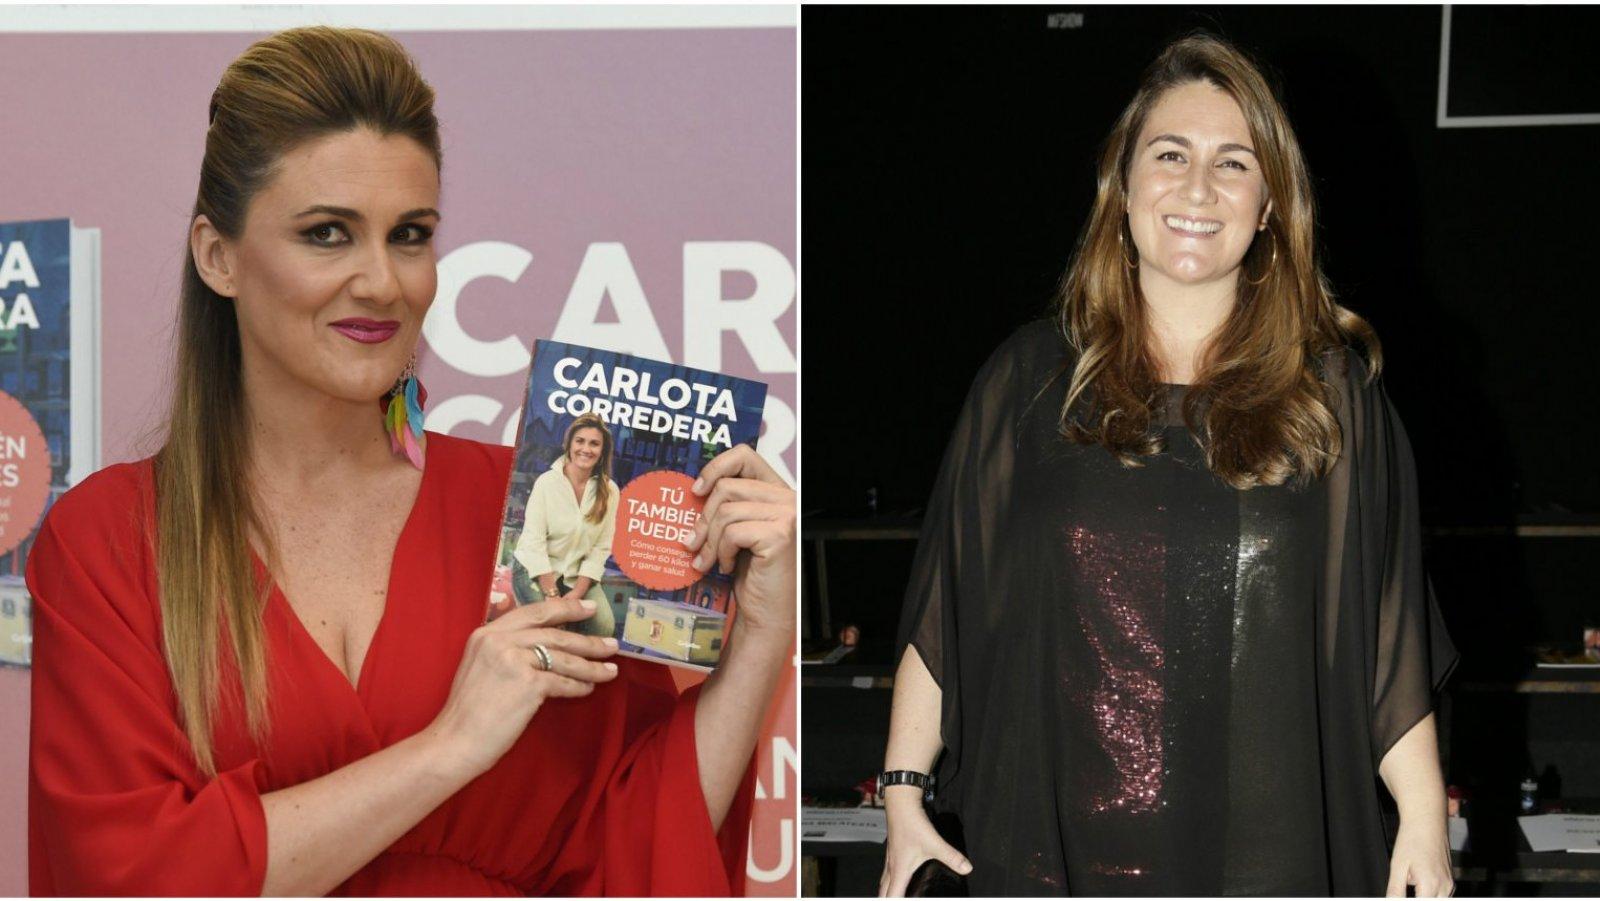 Carlota Corredera con su transformación.